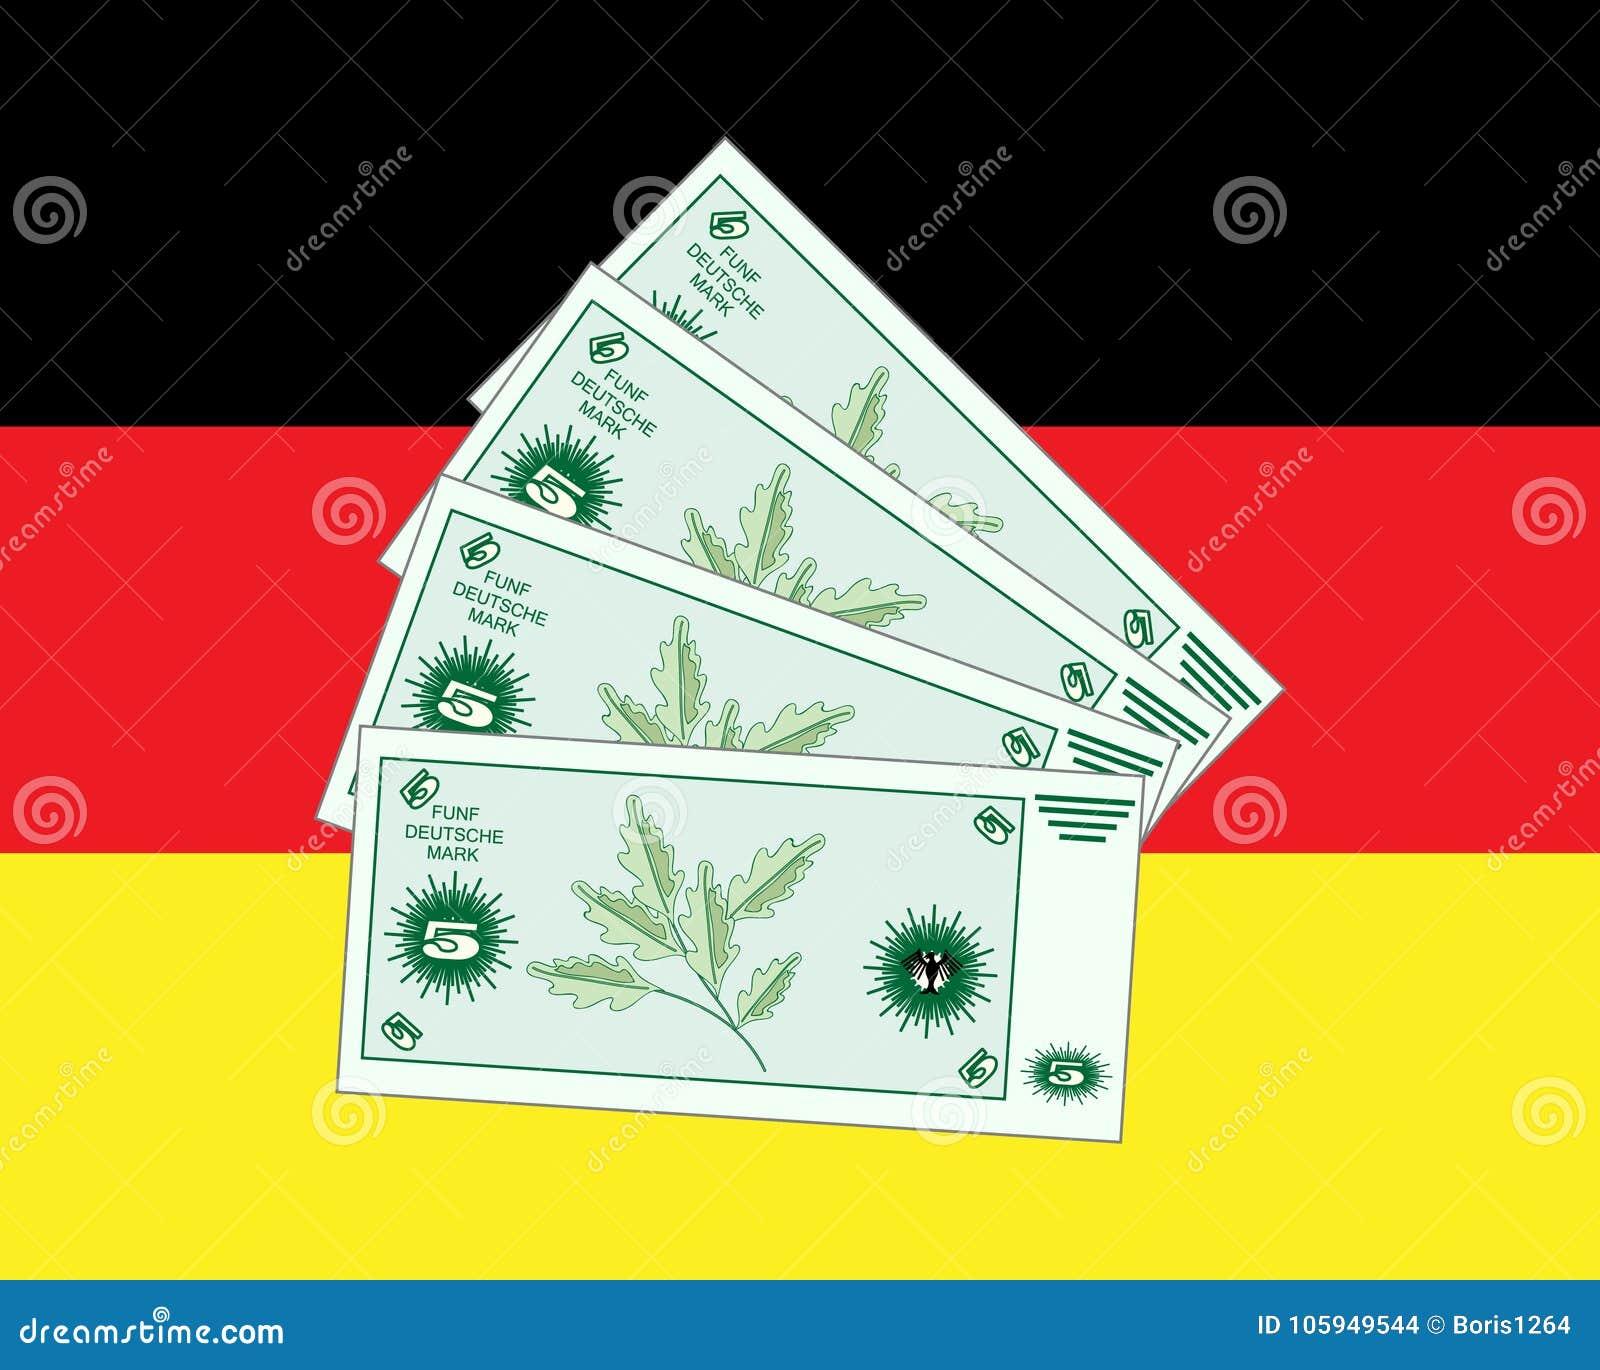 German deutsche mark currency stock images 6 photos buycottarizona